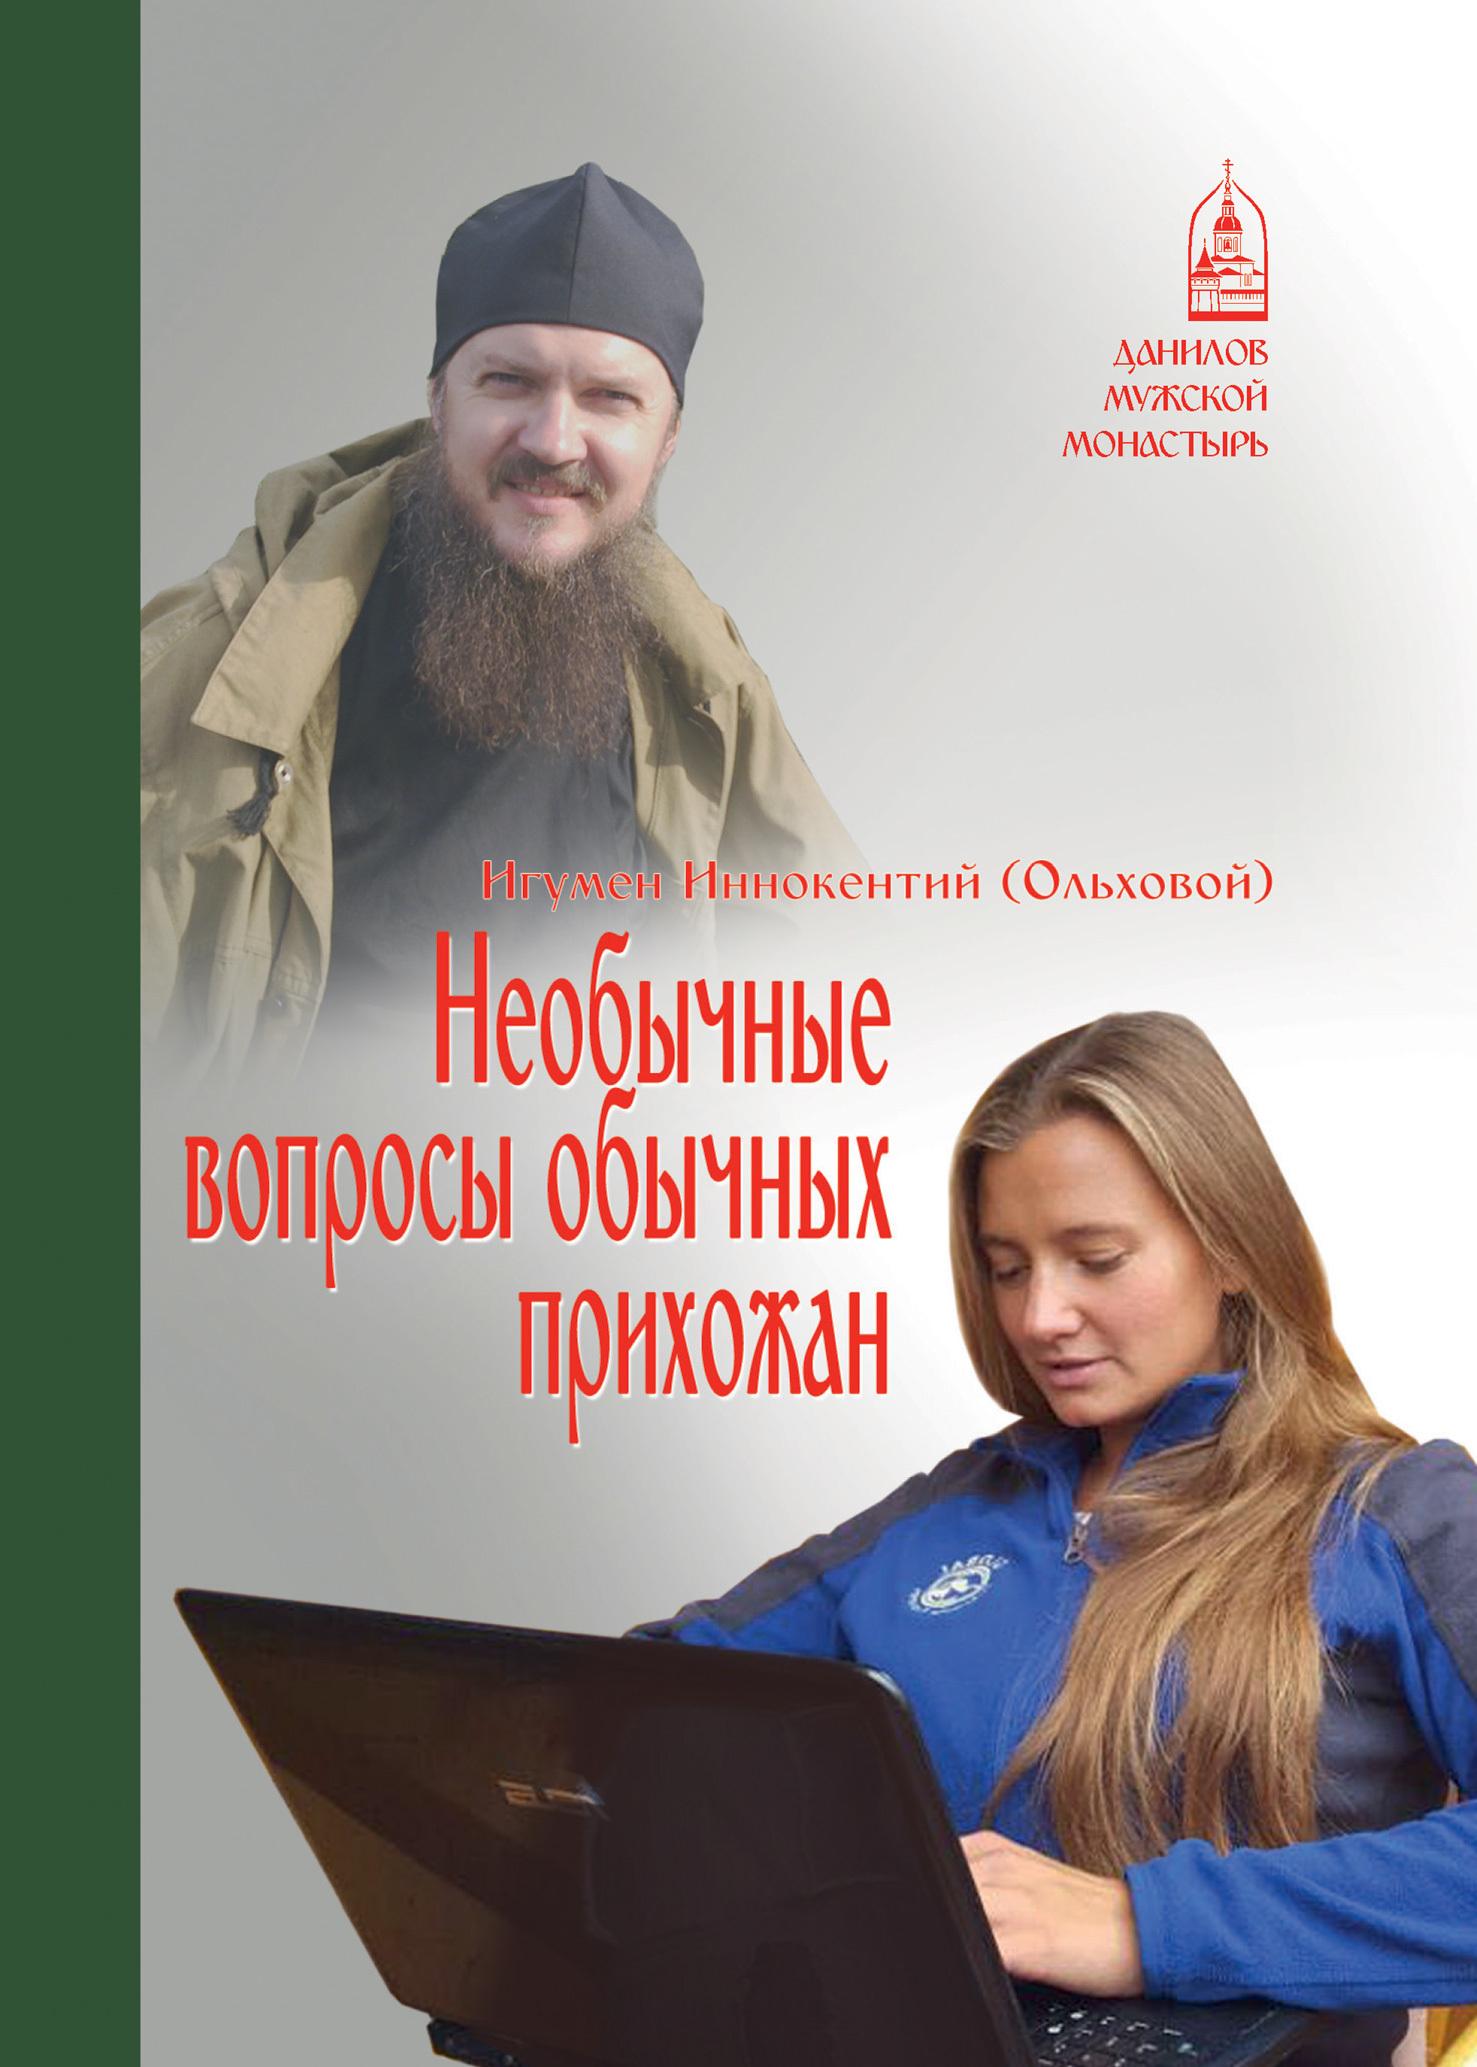 Игумен Иннокентий (Ольховой) - Необычные вопросы обычных прихожан